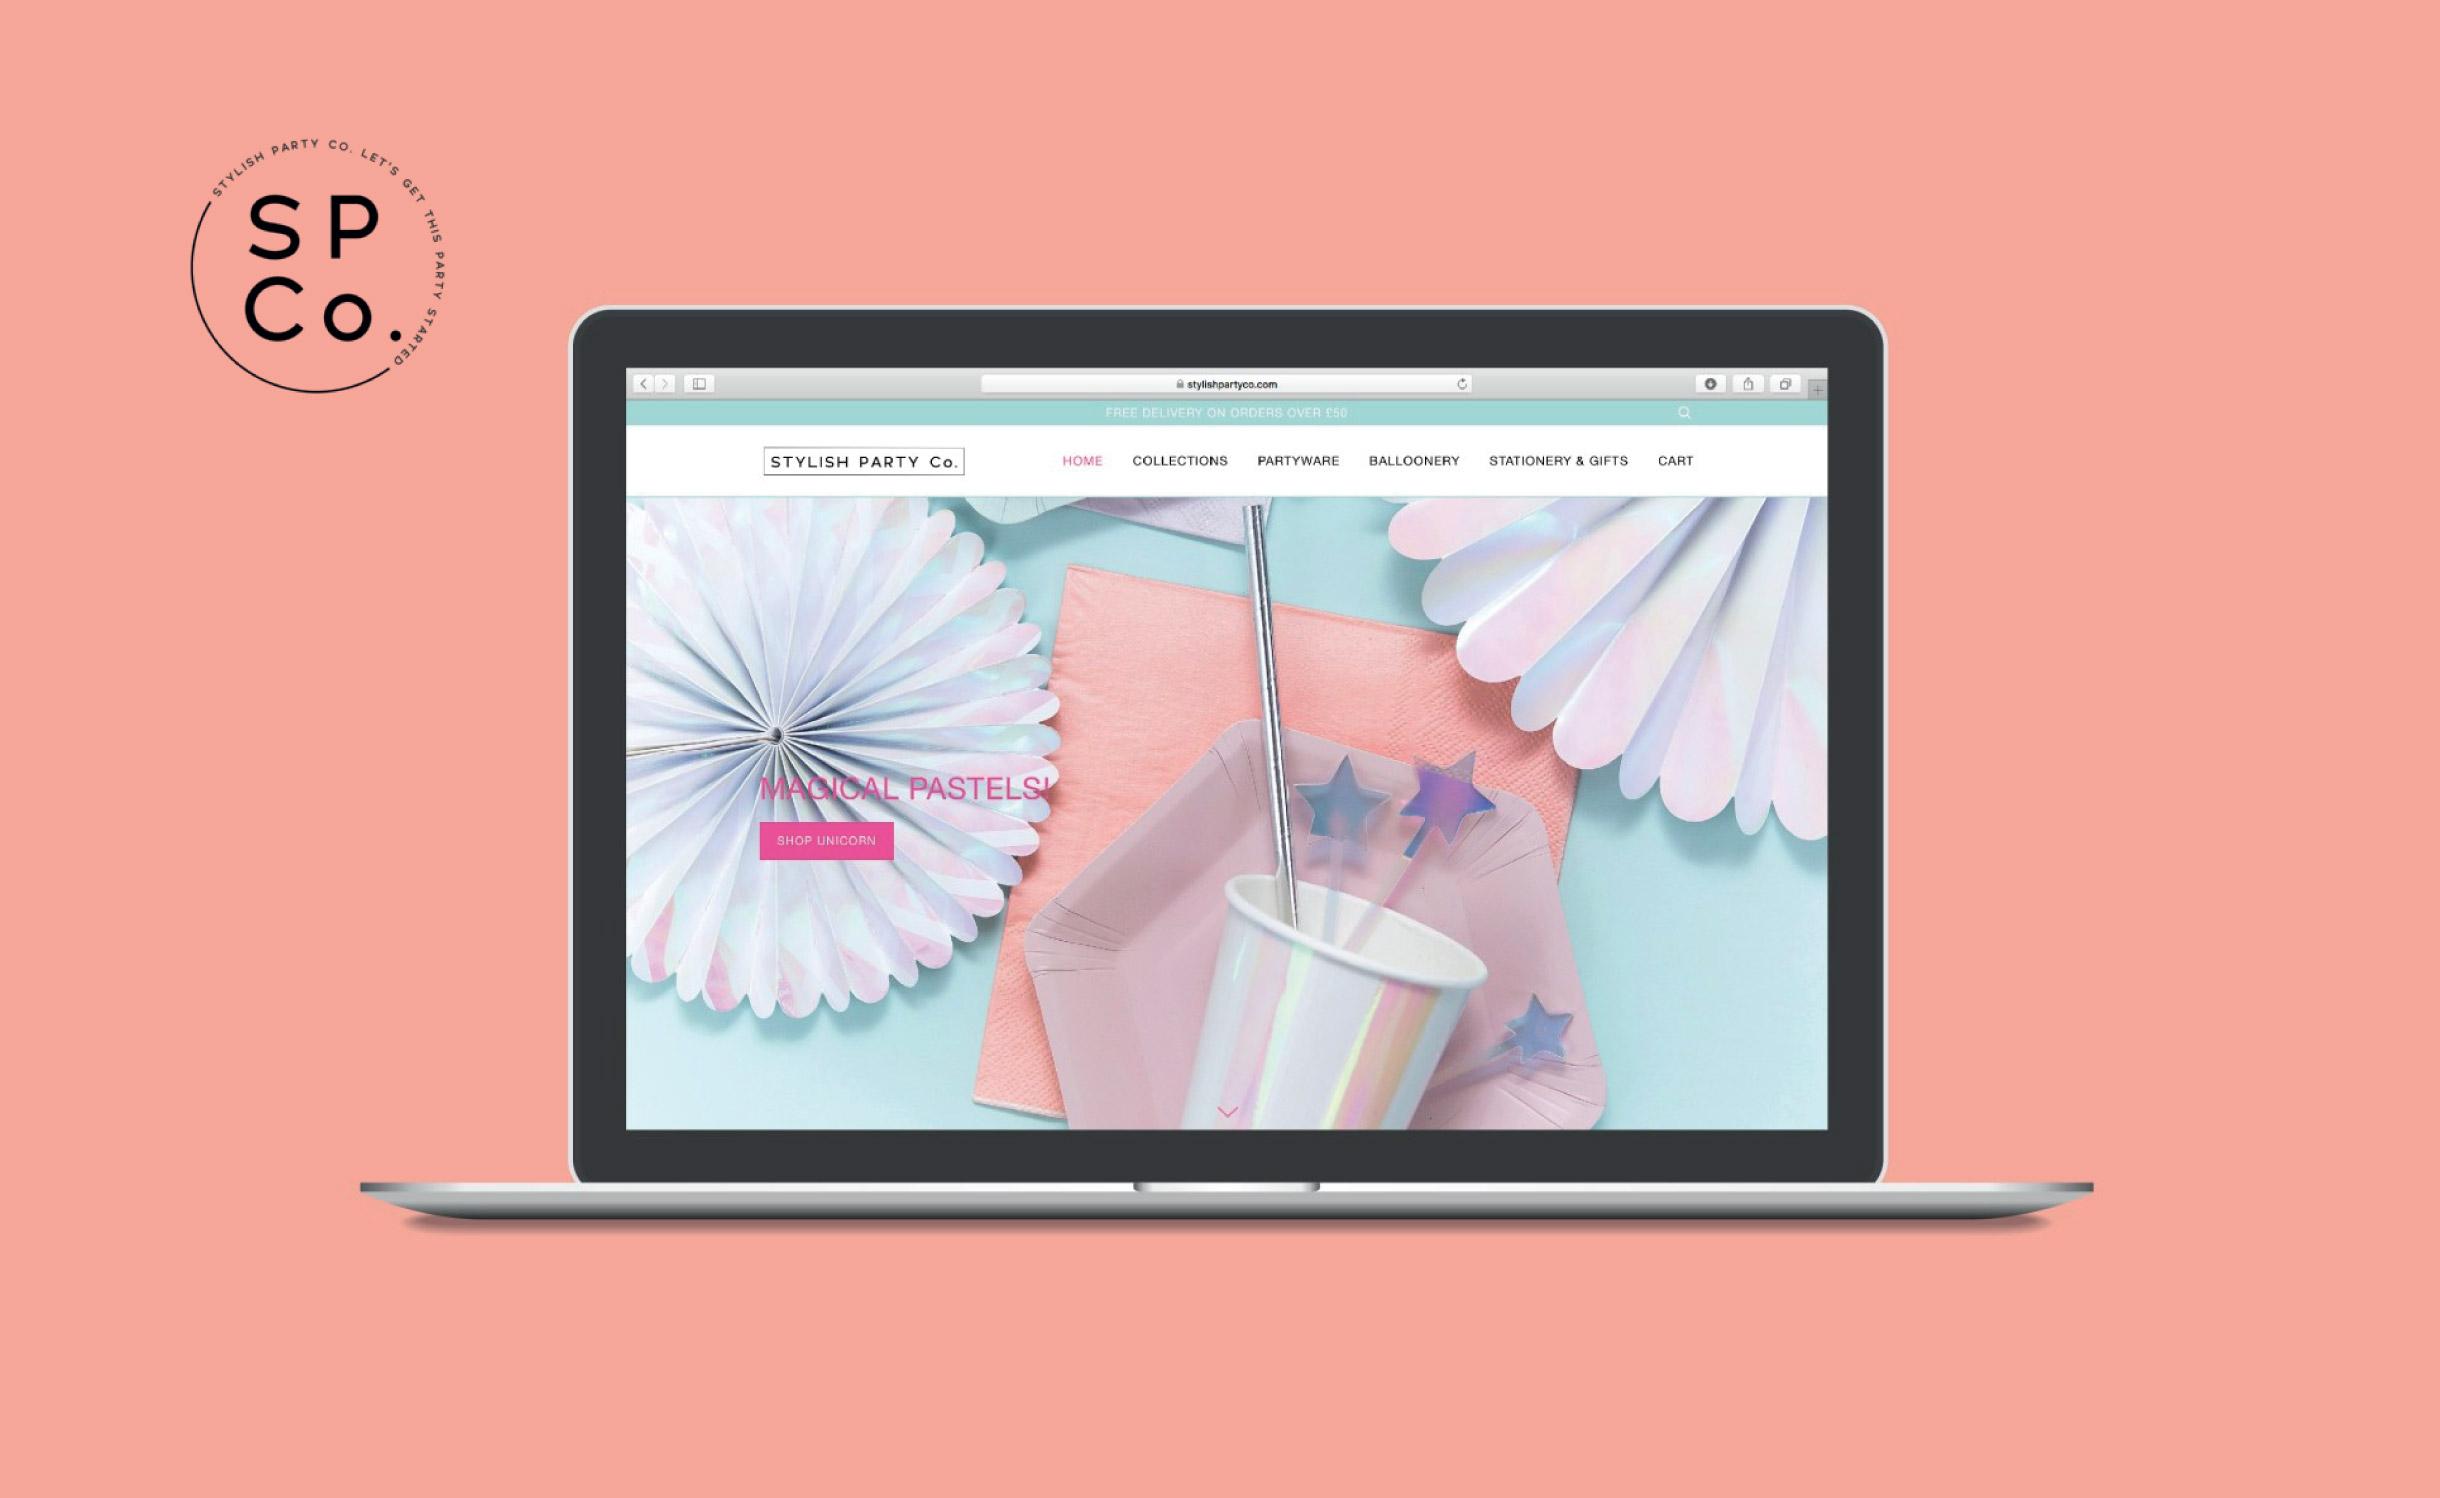 Quints Design co - Stylish Party co Website Design